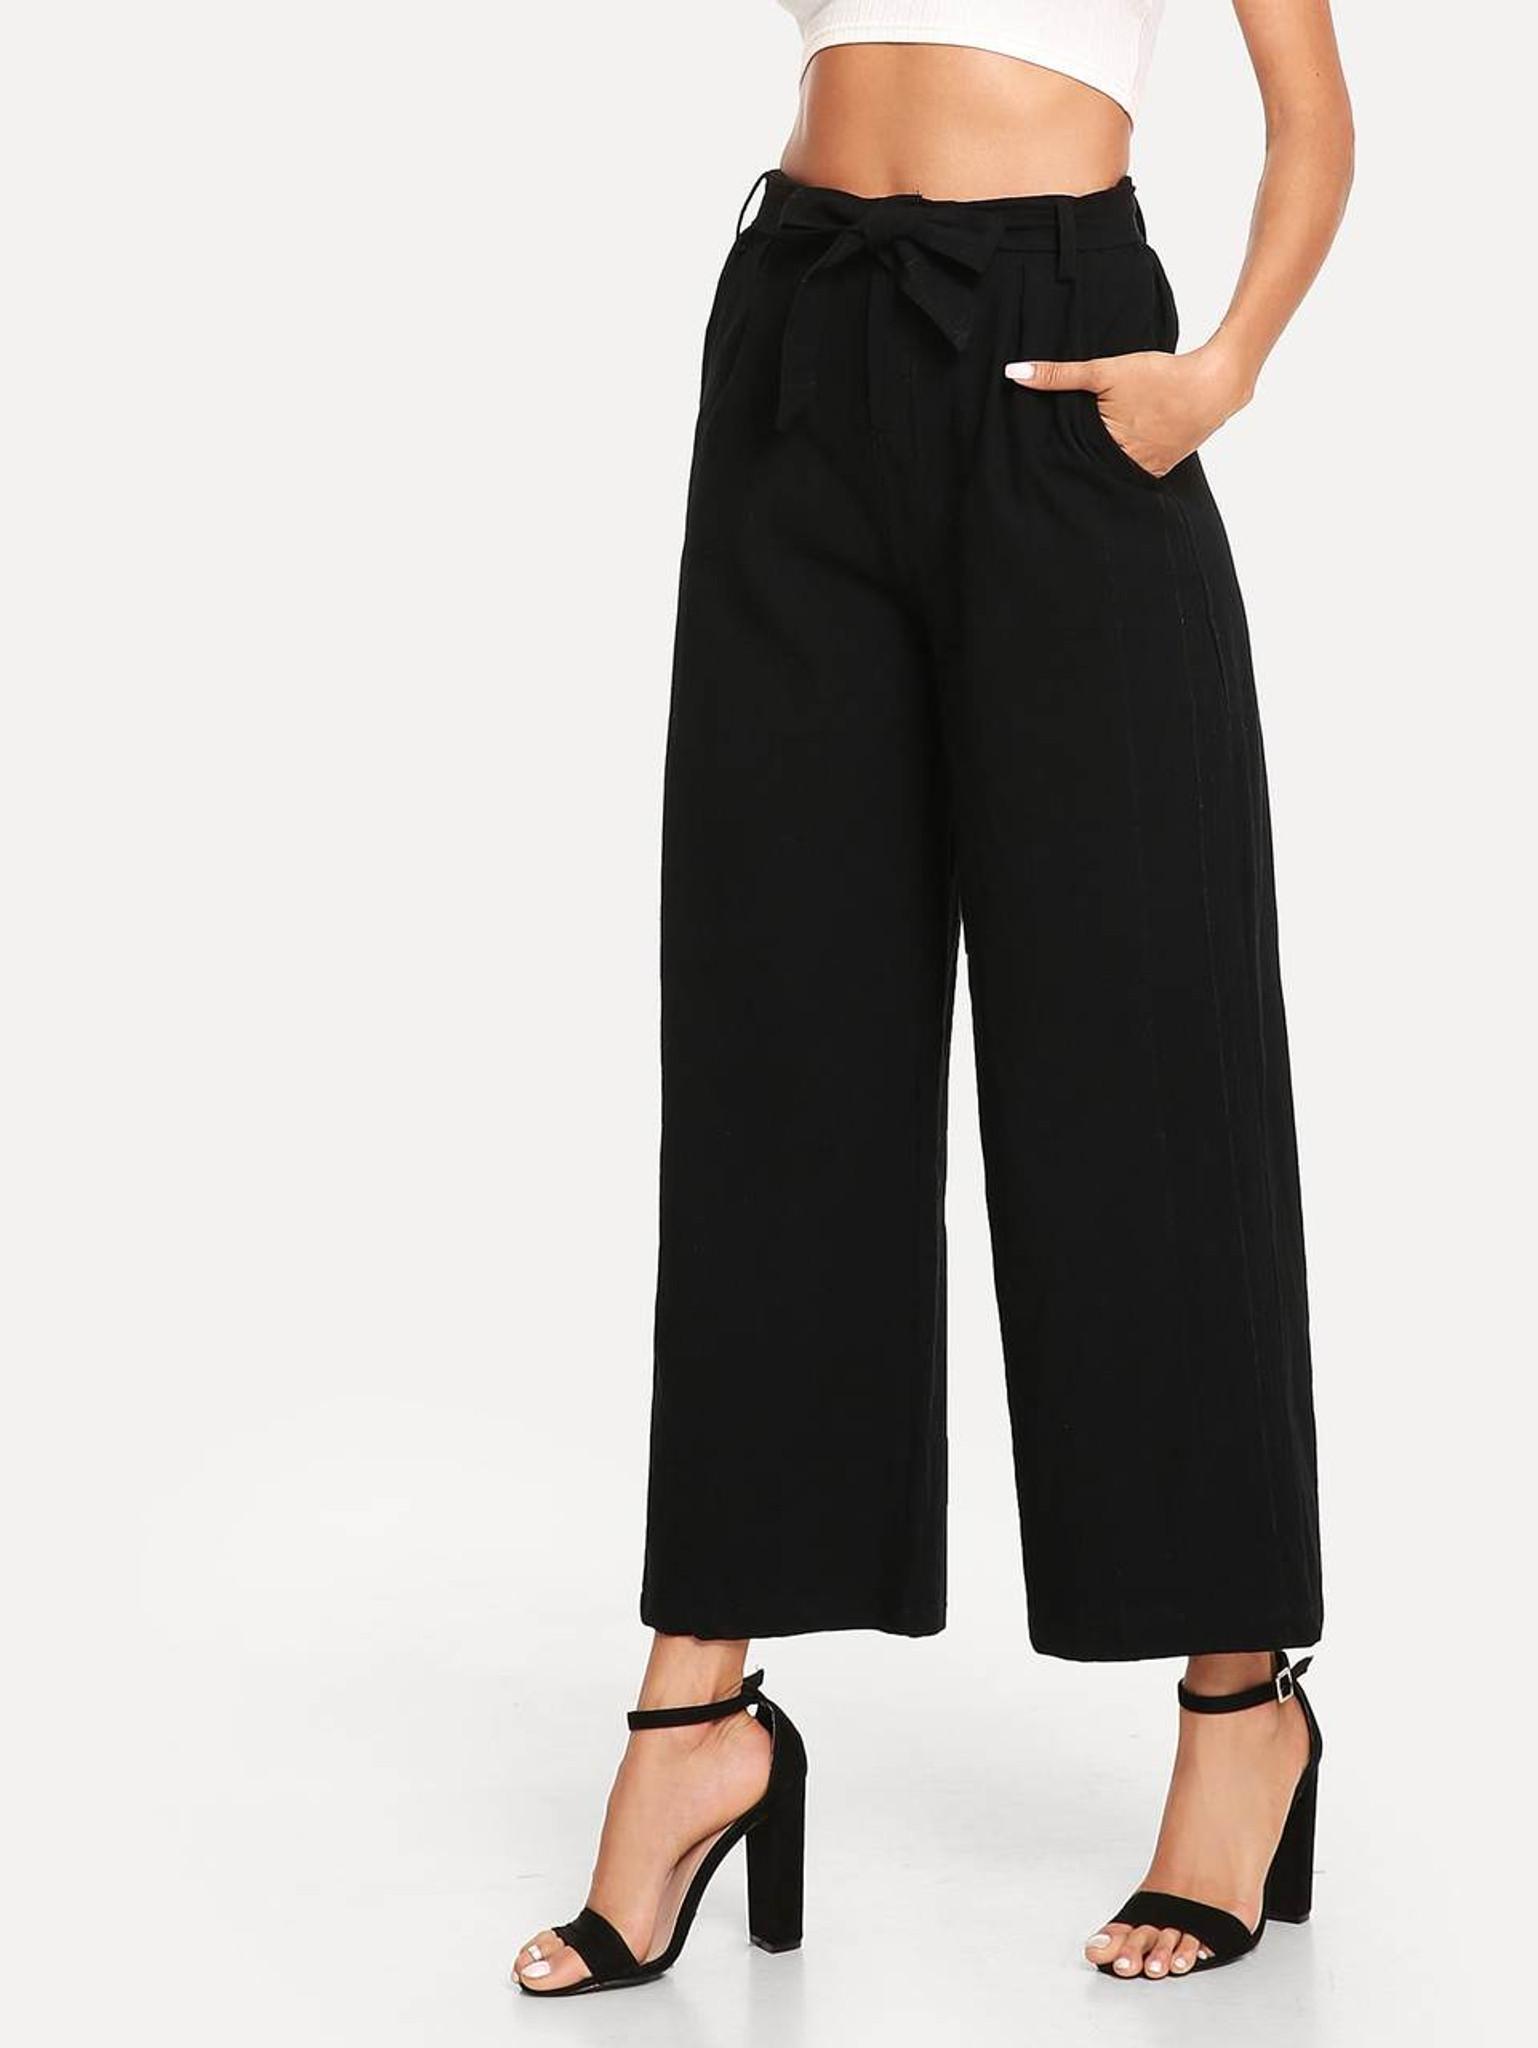 Fifth Avenue Women's AVNO2 Tie Waist Pants - Black